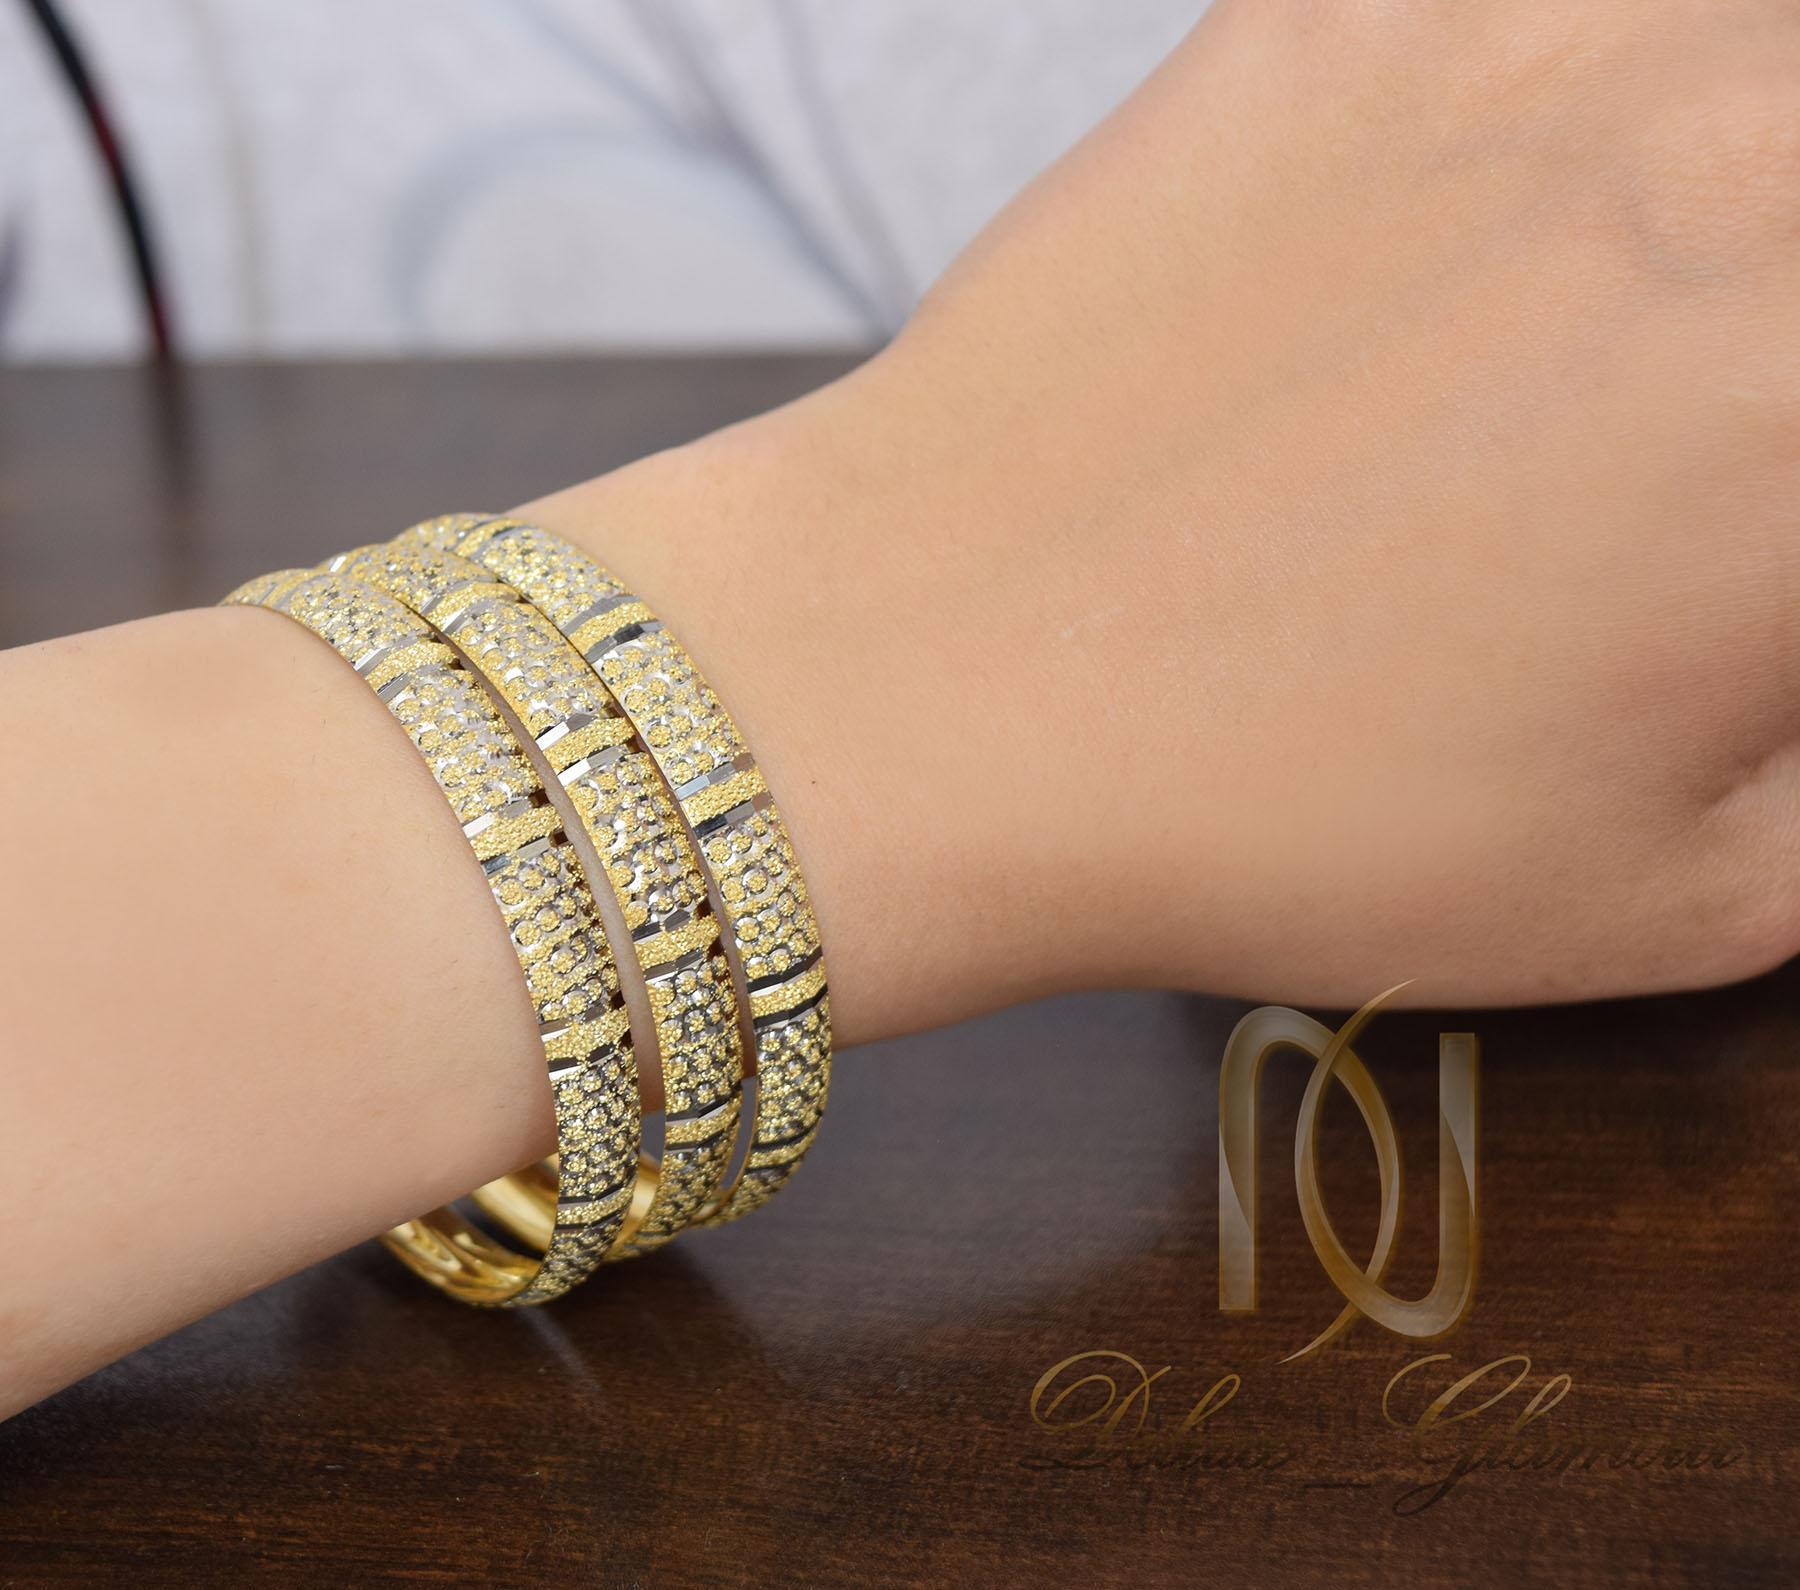 النگو زنانه نقره تراش طرح طلای دو رنگ al-n117 از نمای روی دست